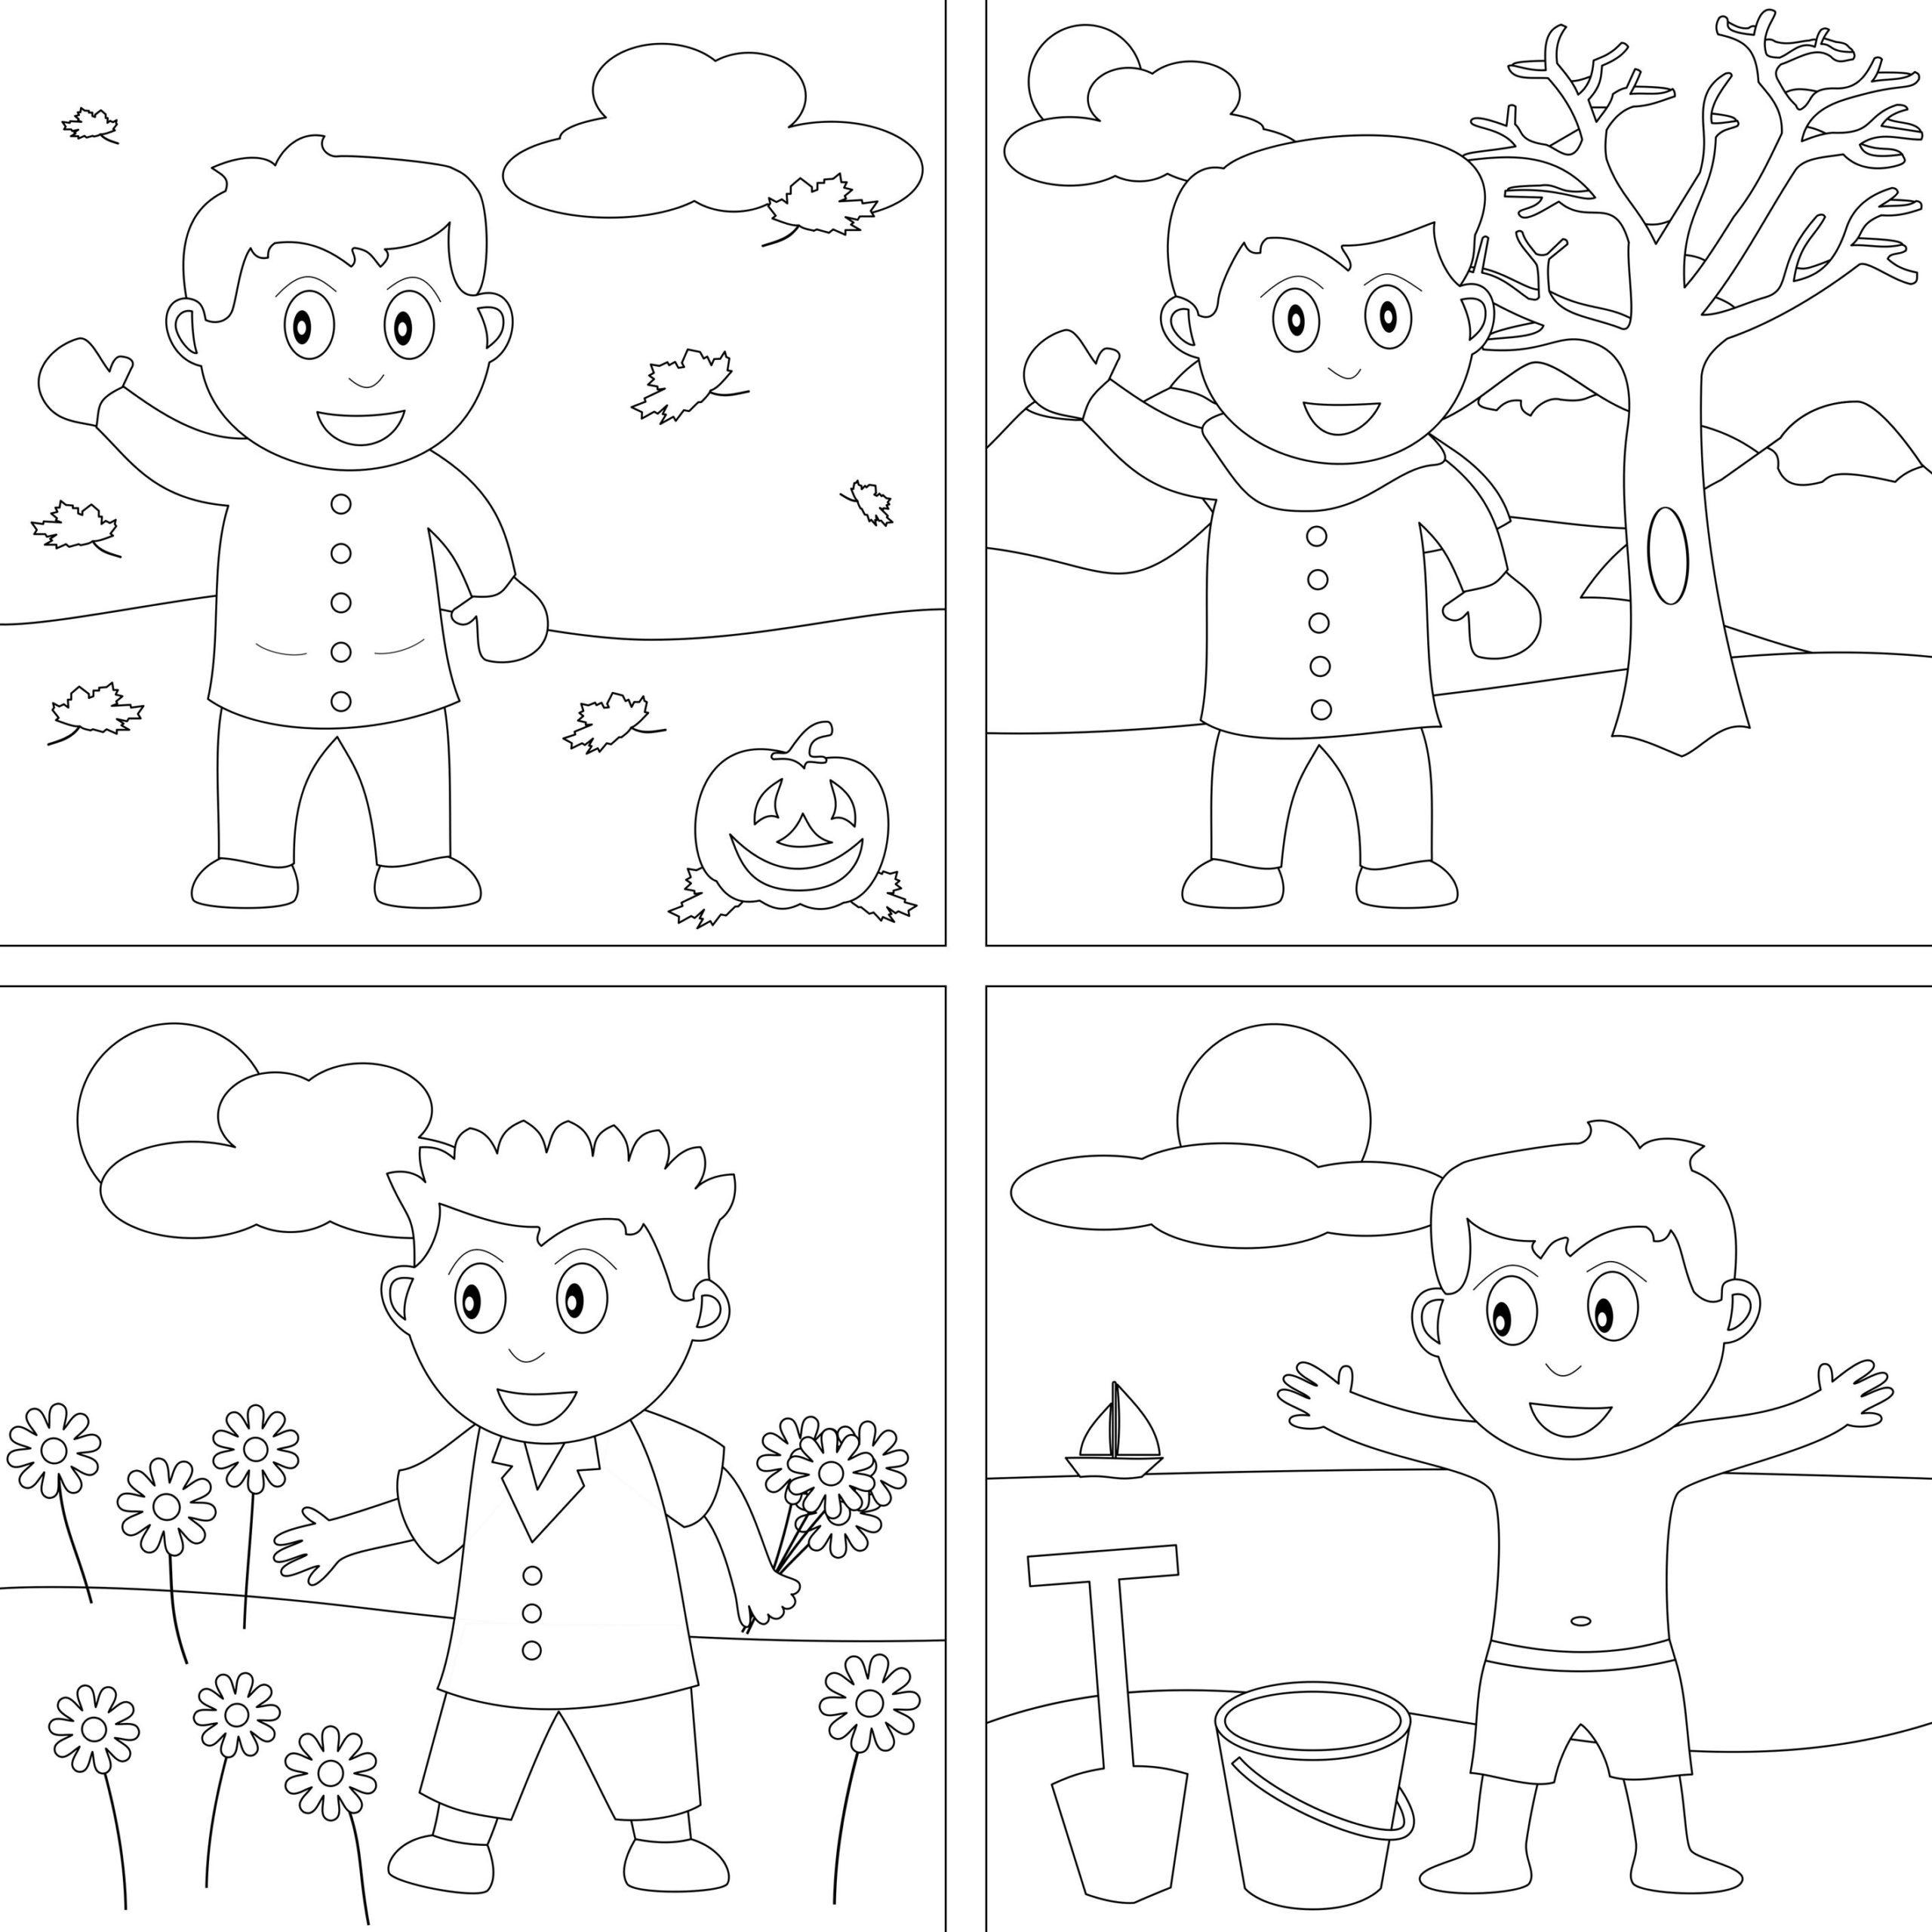 4 Seasons Coloring Pages | Seasons Worksheets, Seasons